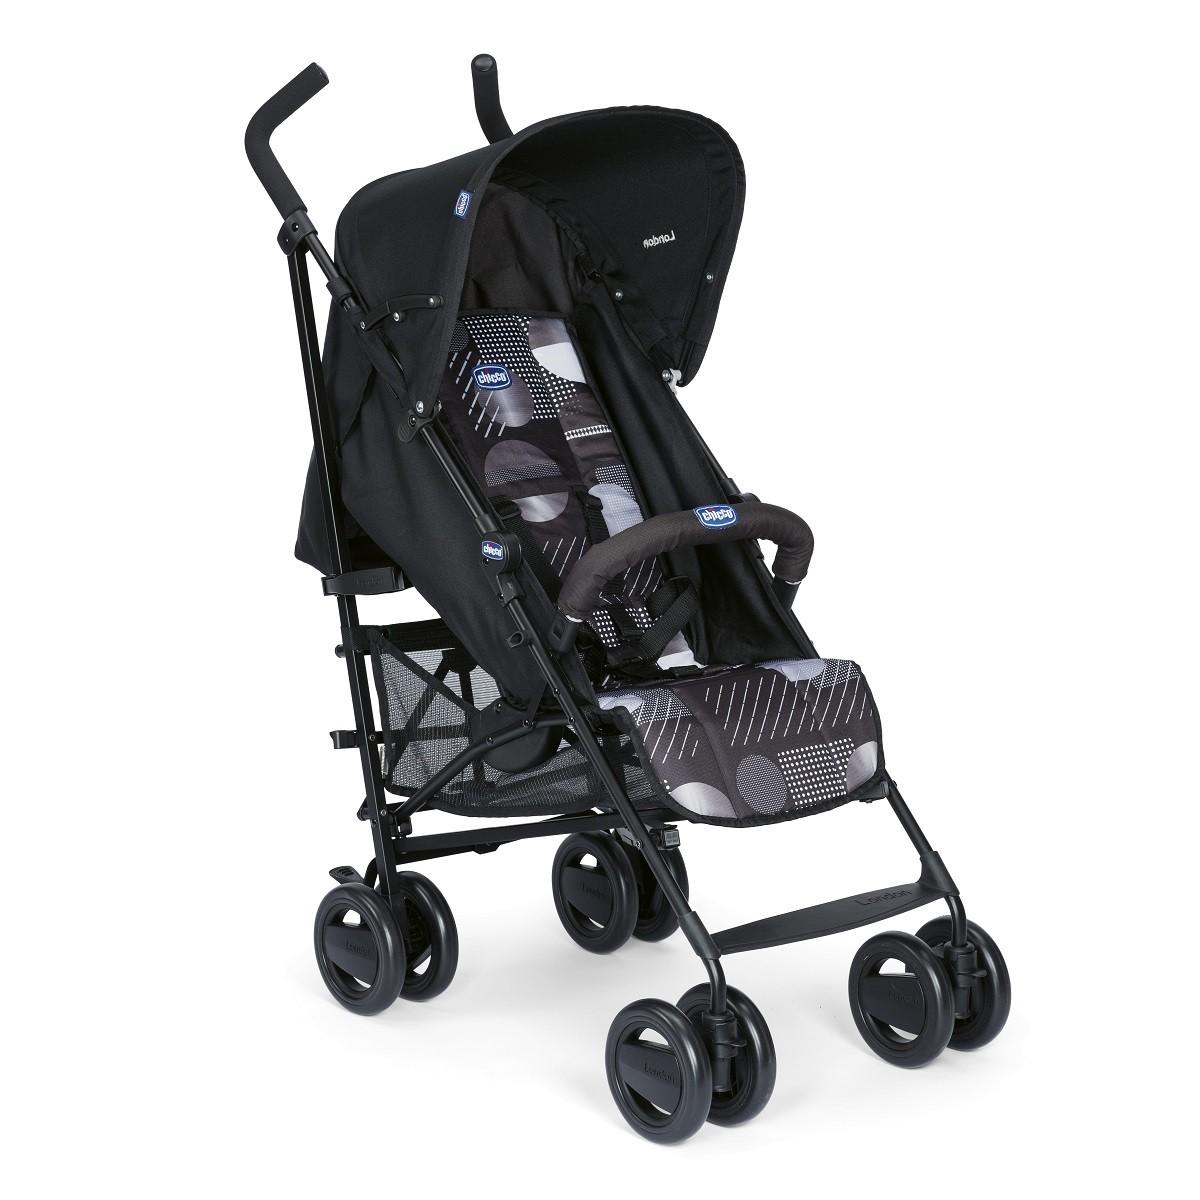 Carrinho de bebê London Up Matrix até 15 kg - Chicco